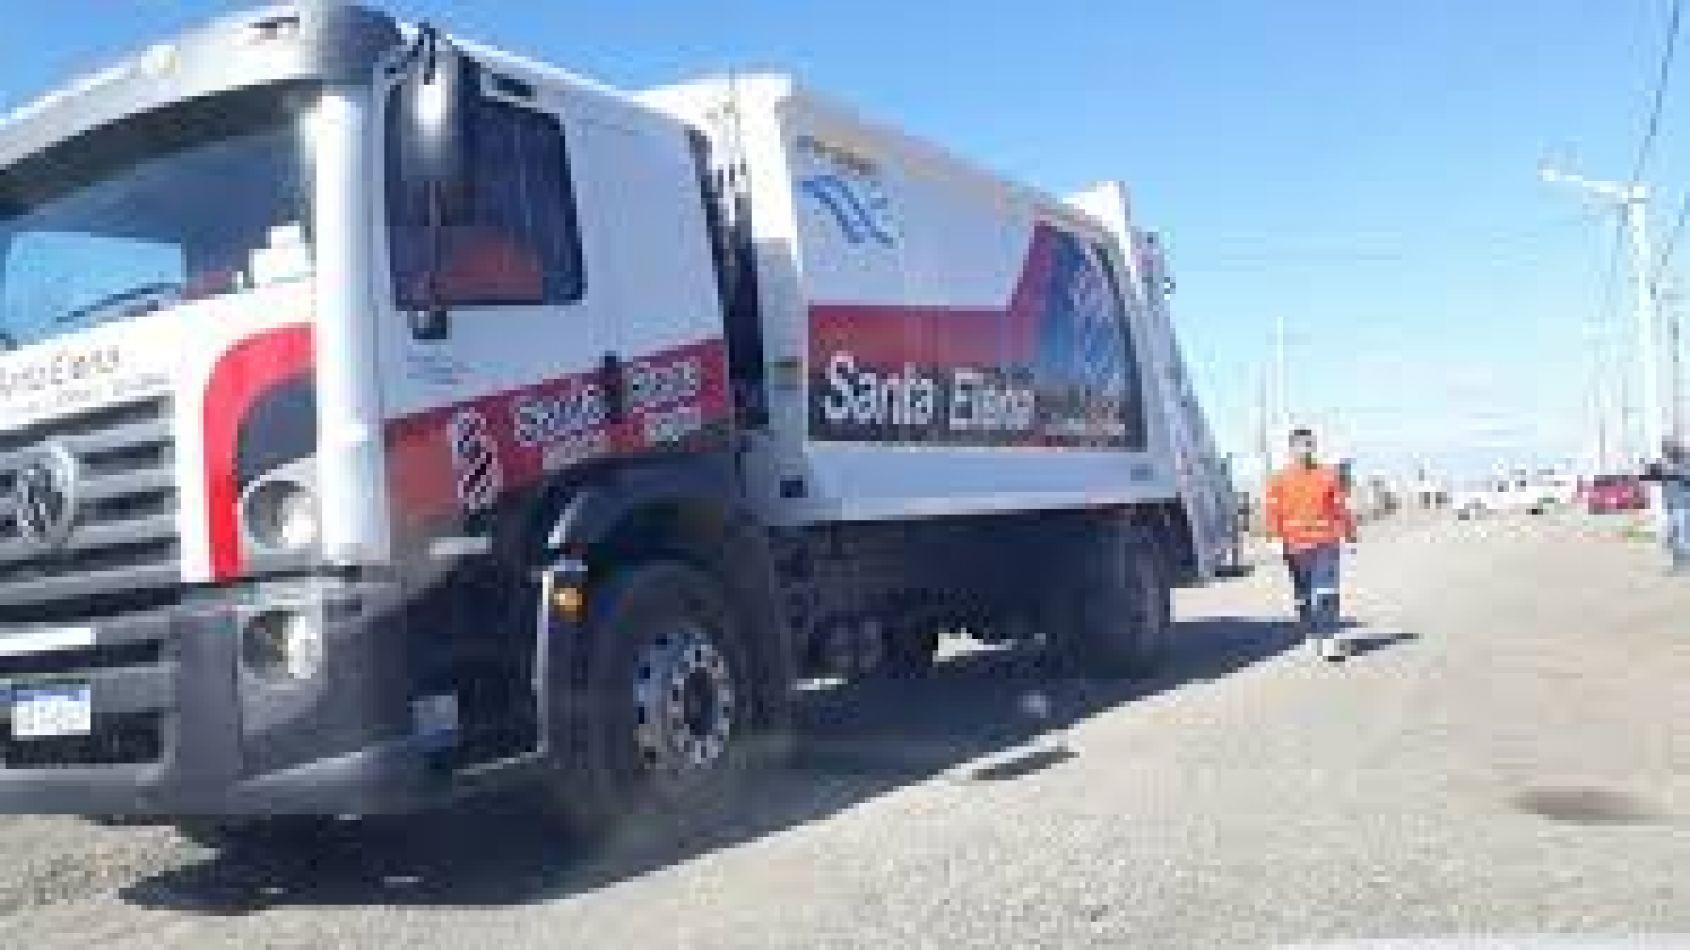 Se normaliza el servicio de recolección de la empresa Santa Elena